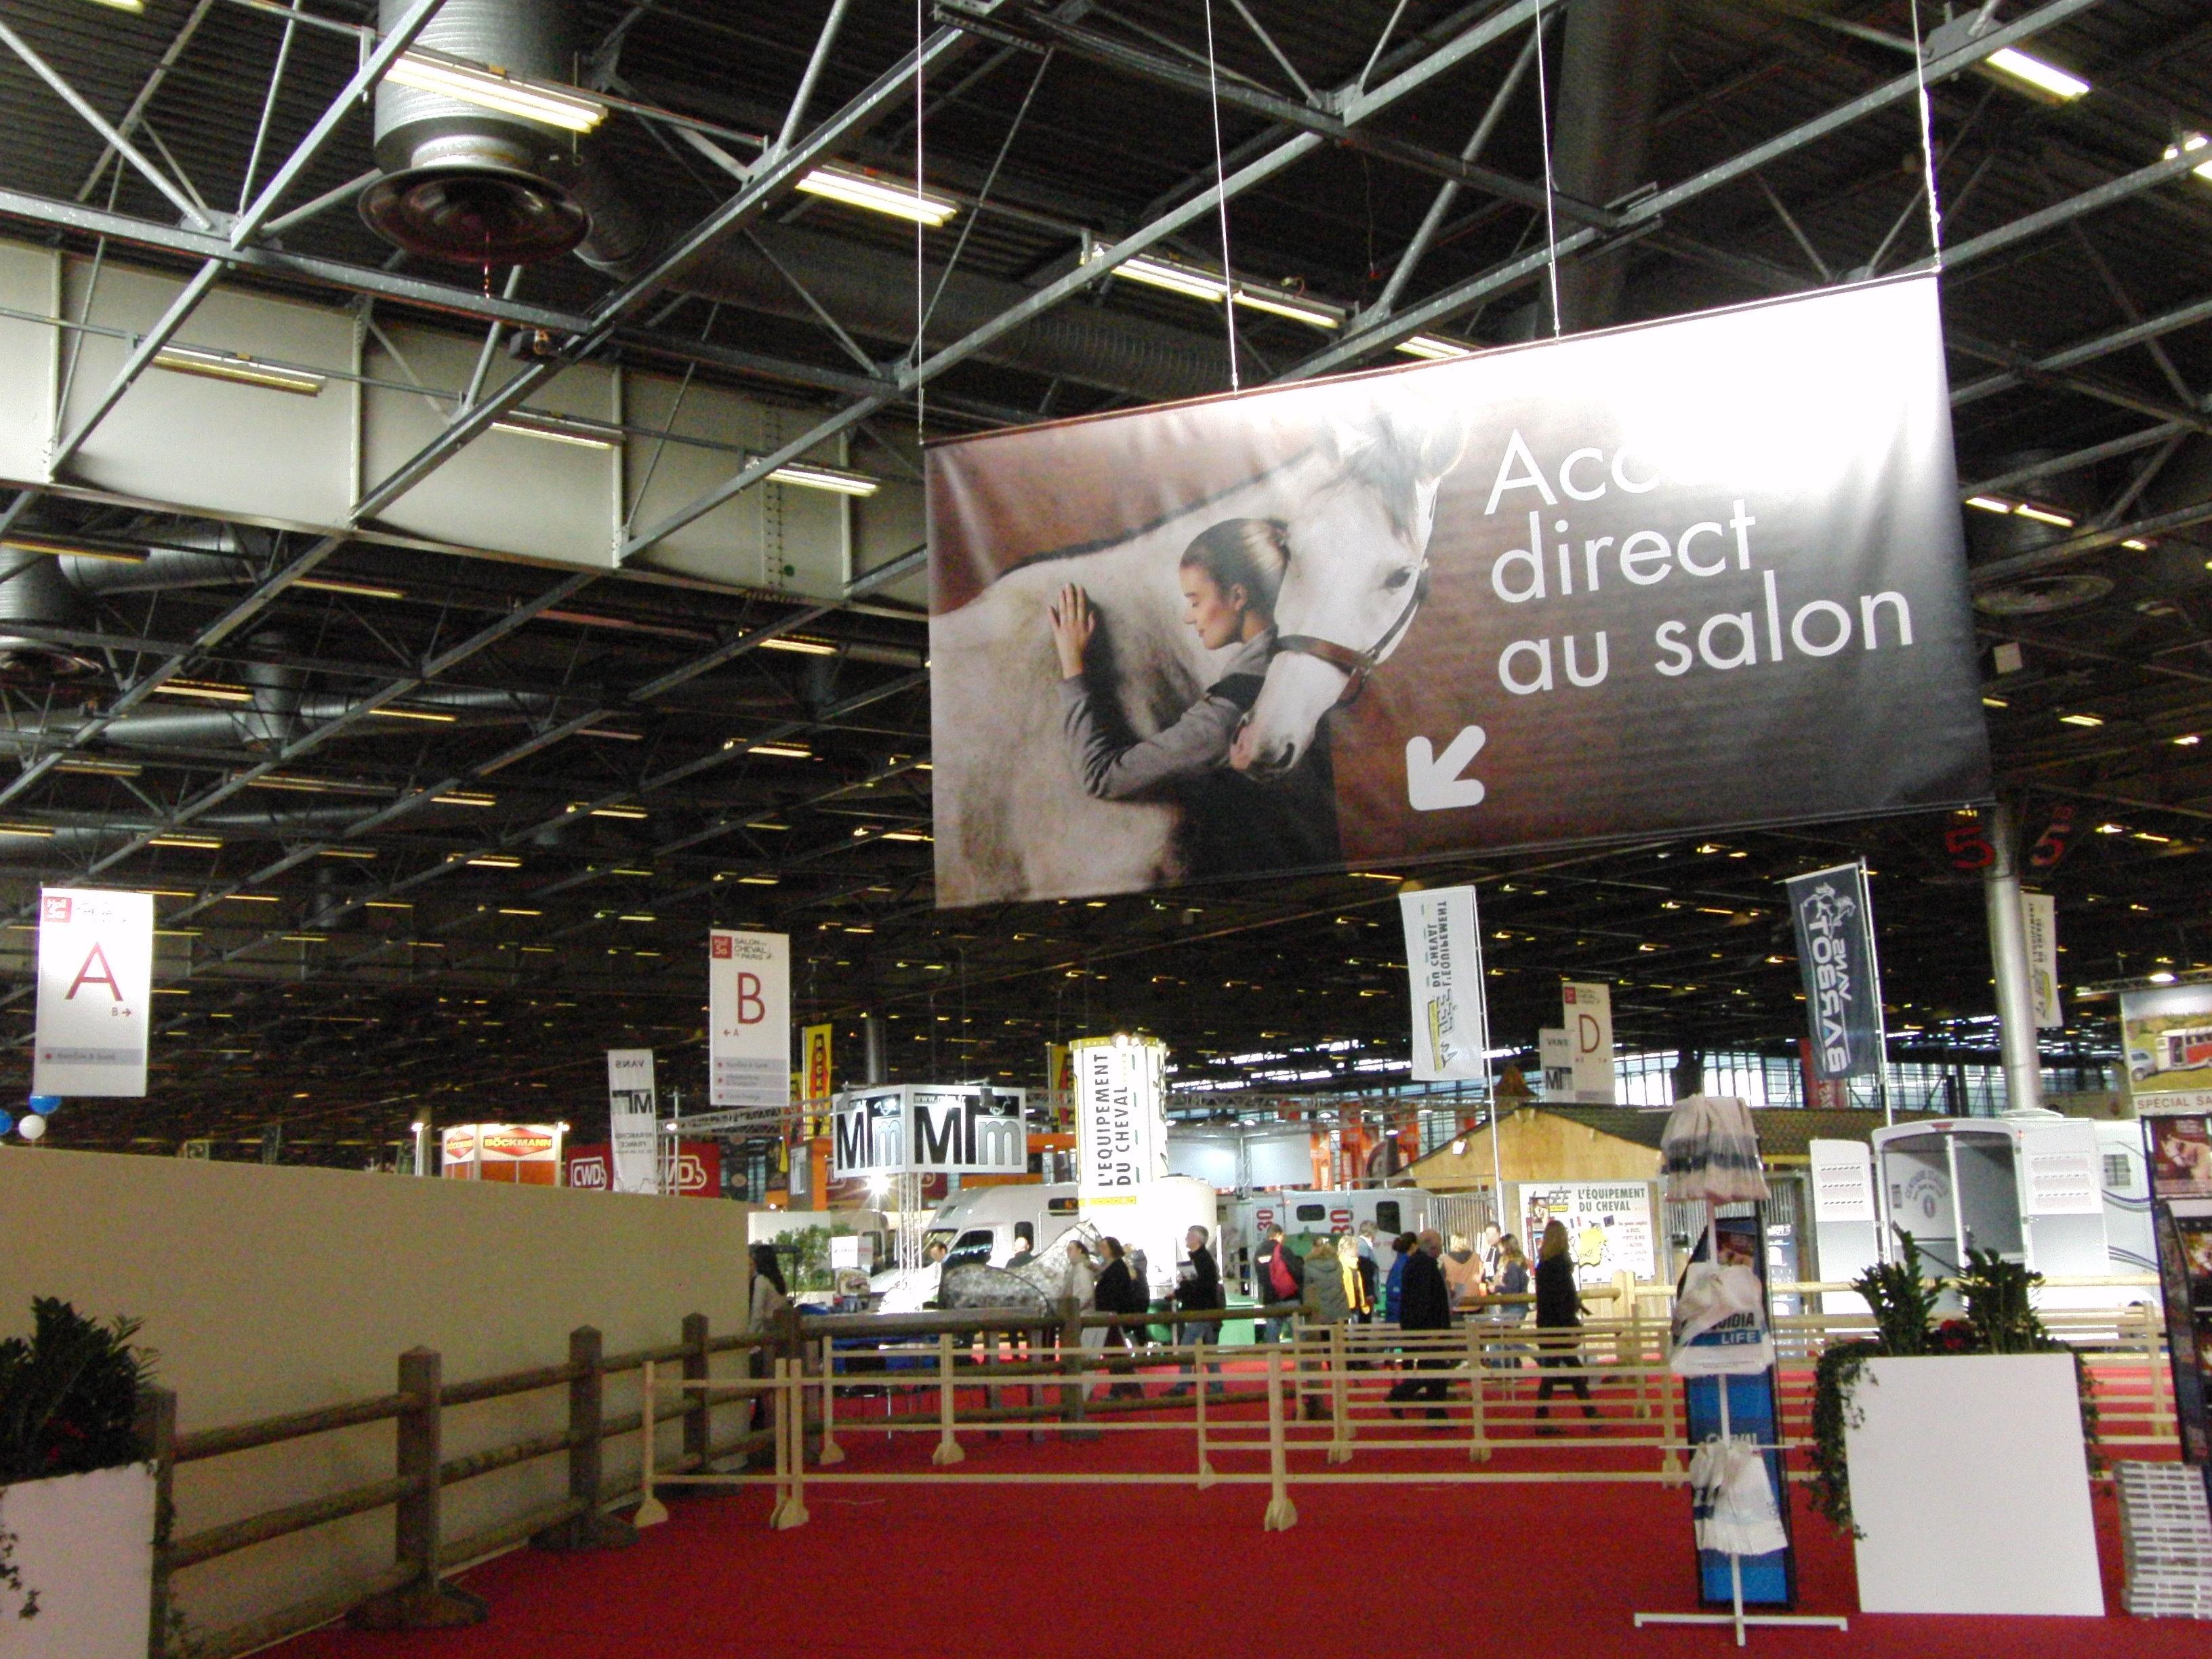 Salon-de-l%27int%C3%A9rieur_SDC2014.JPG